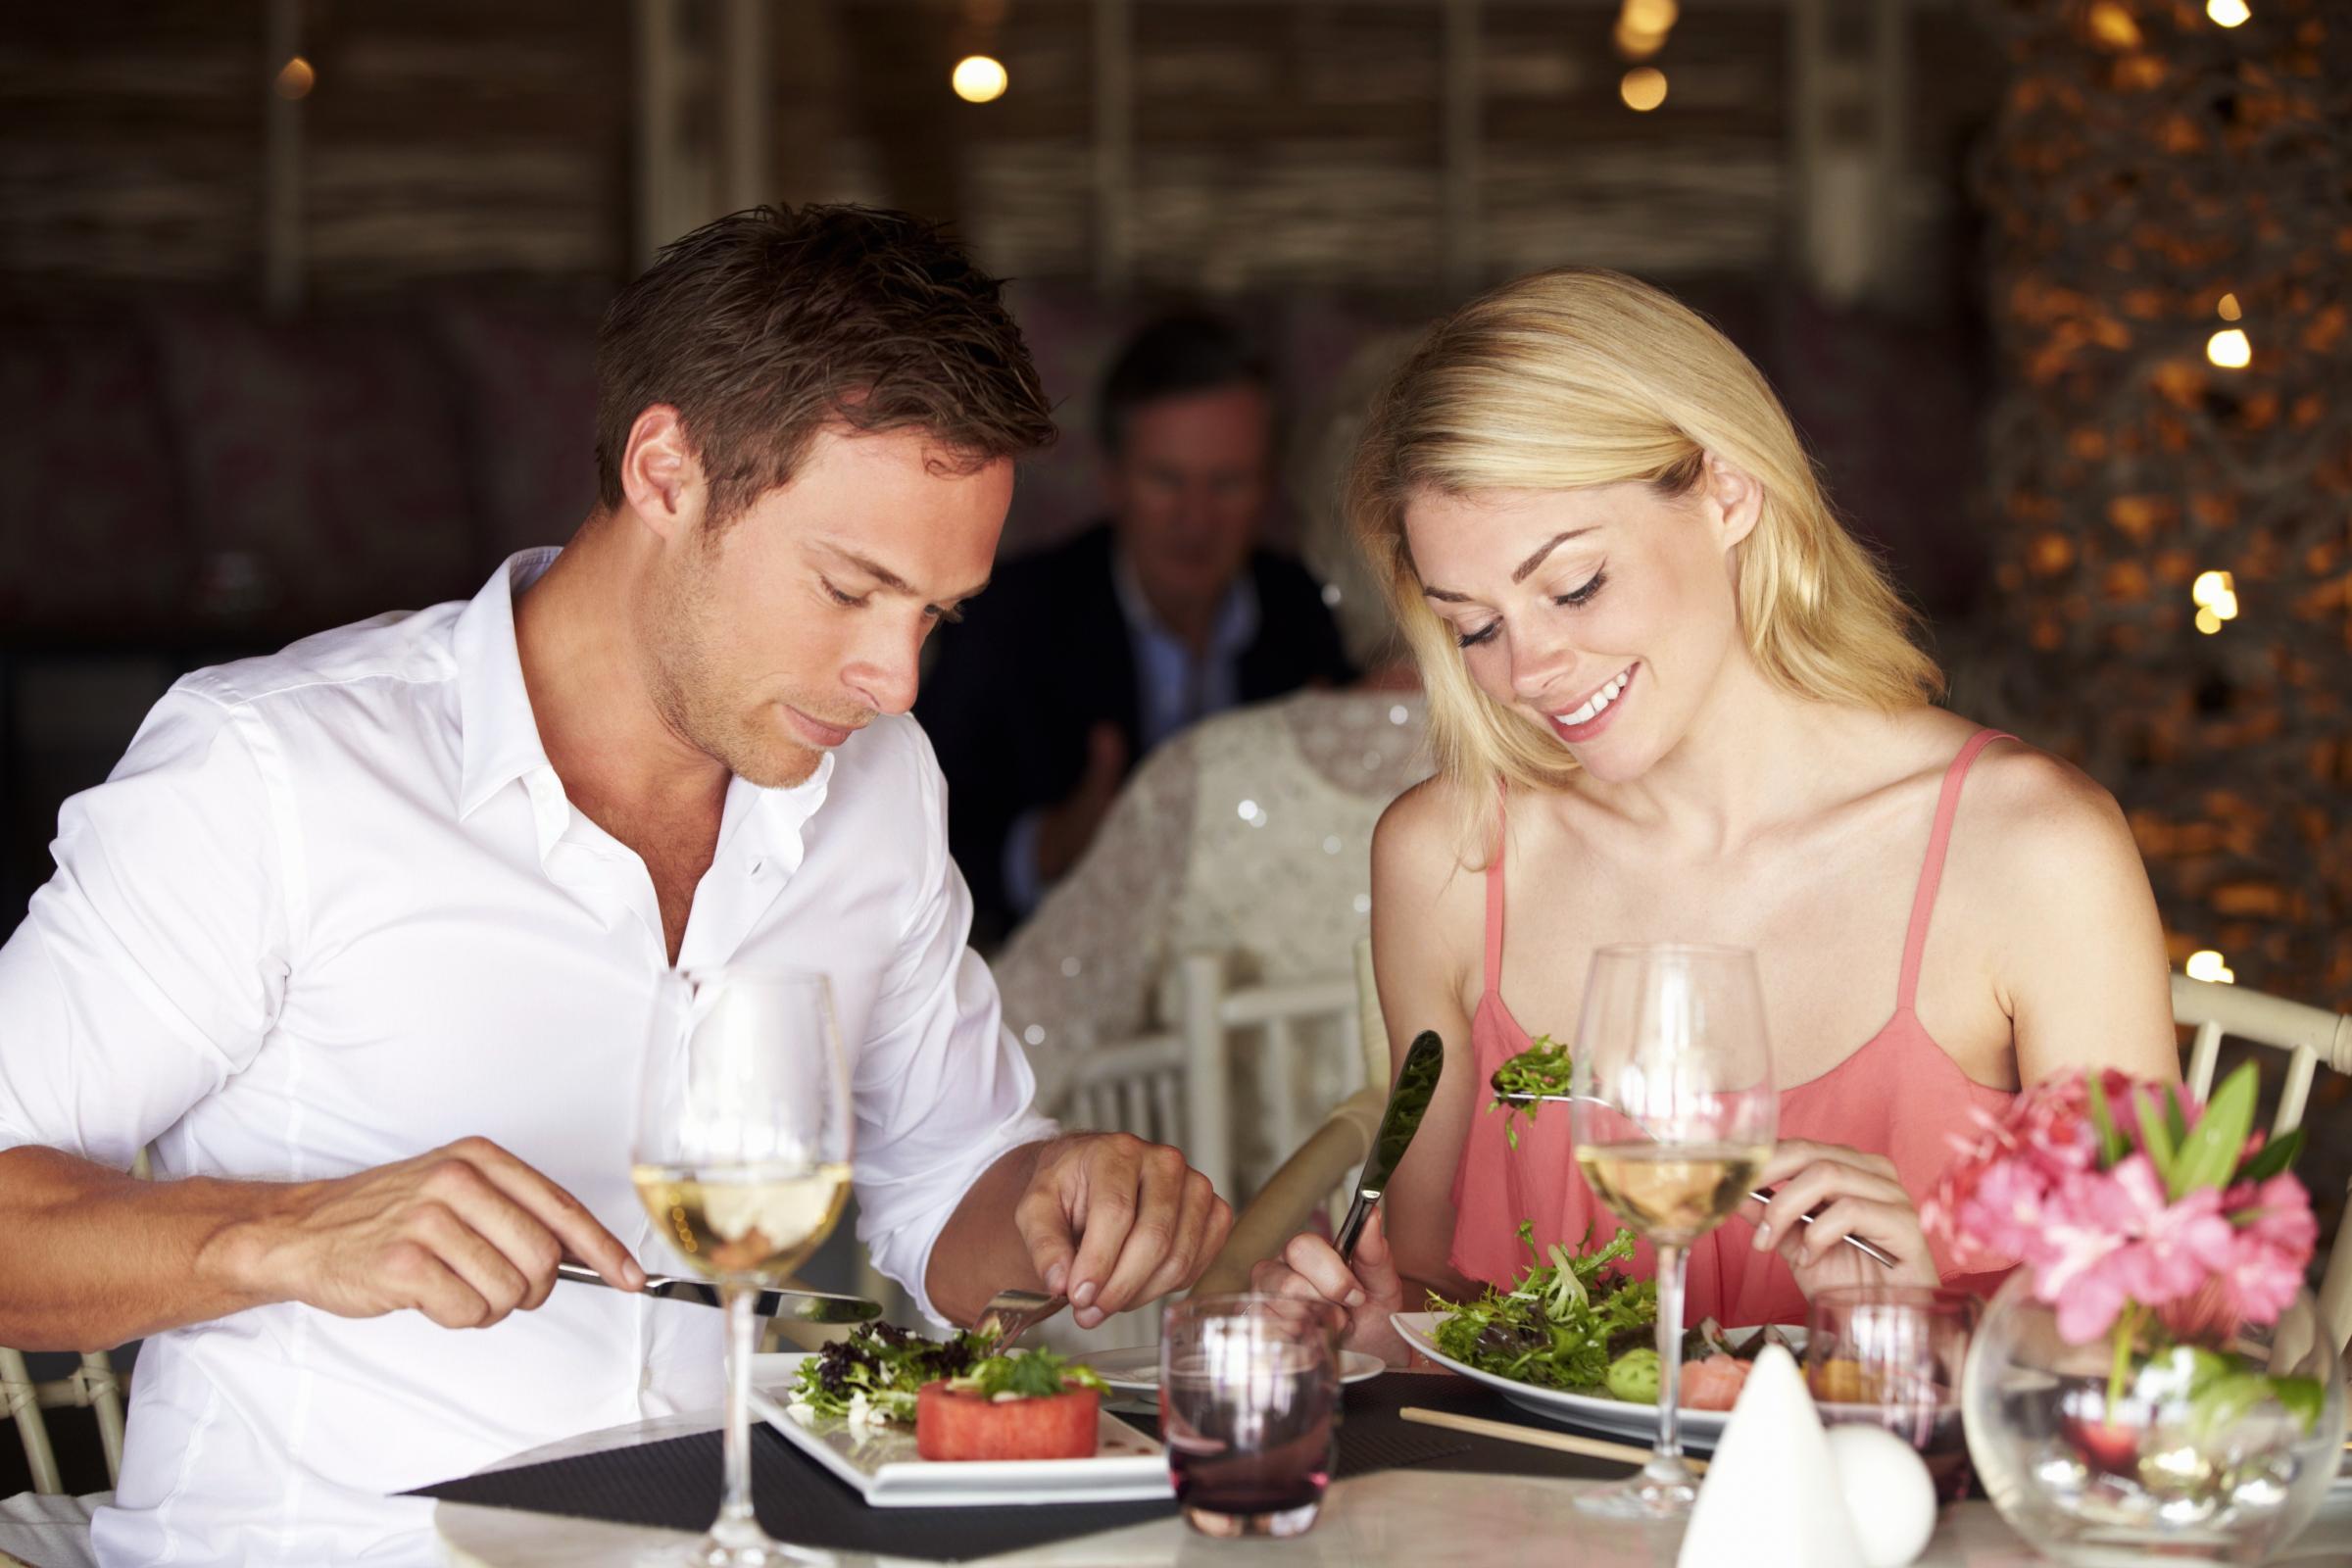 Dinner dating for singles